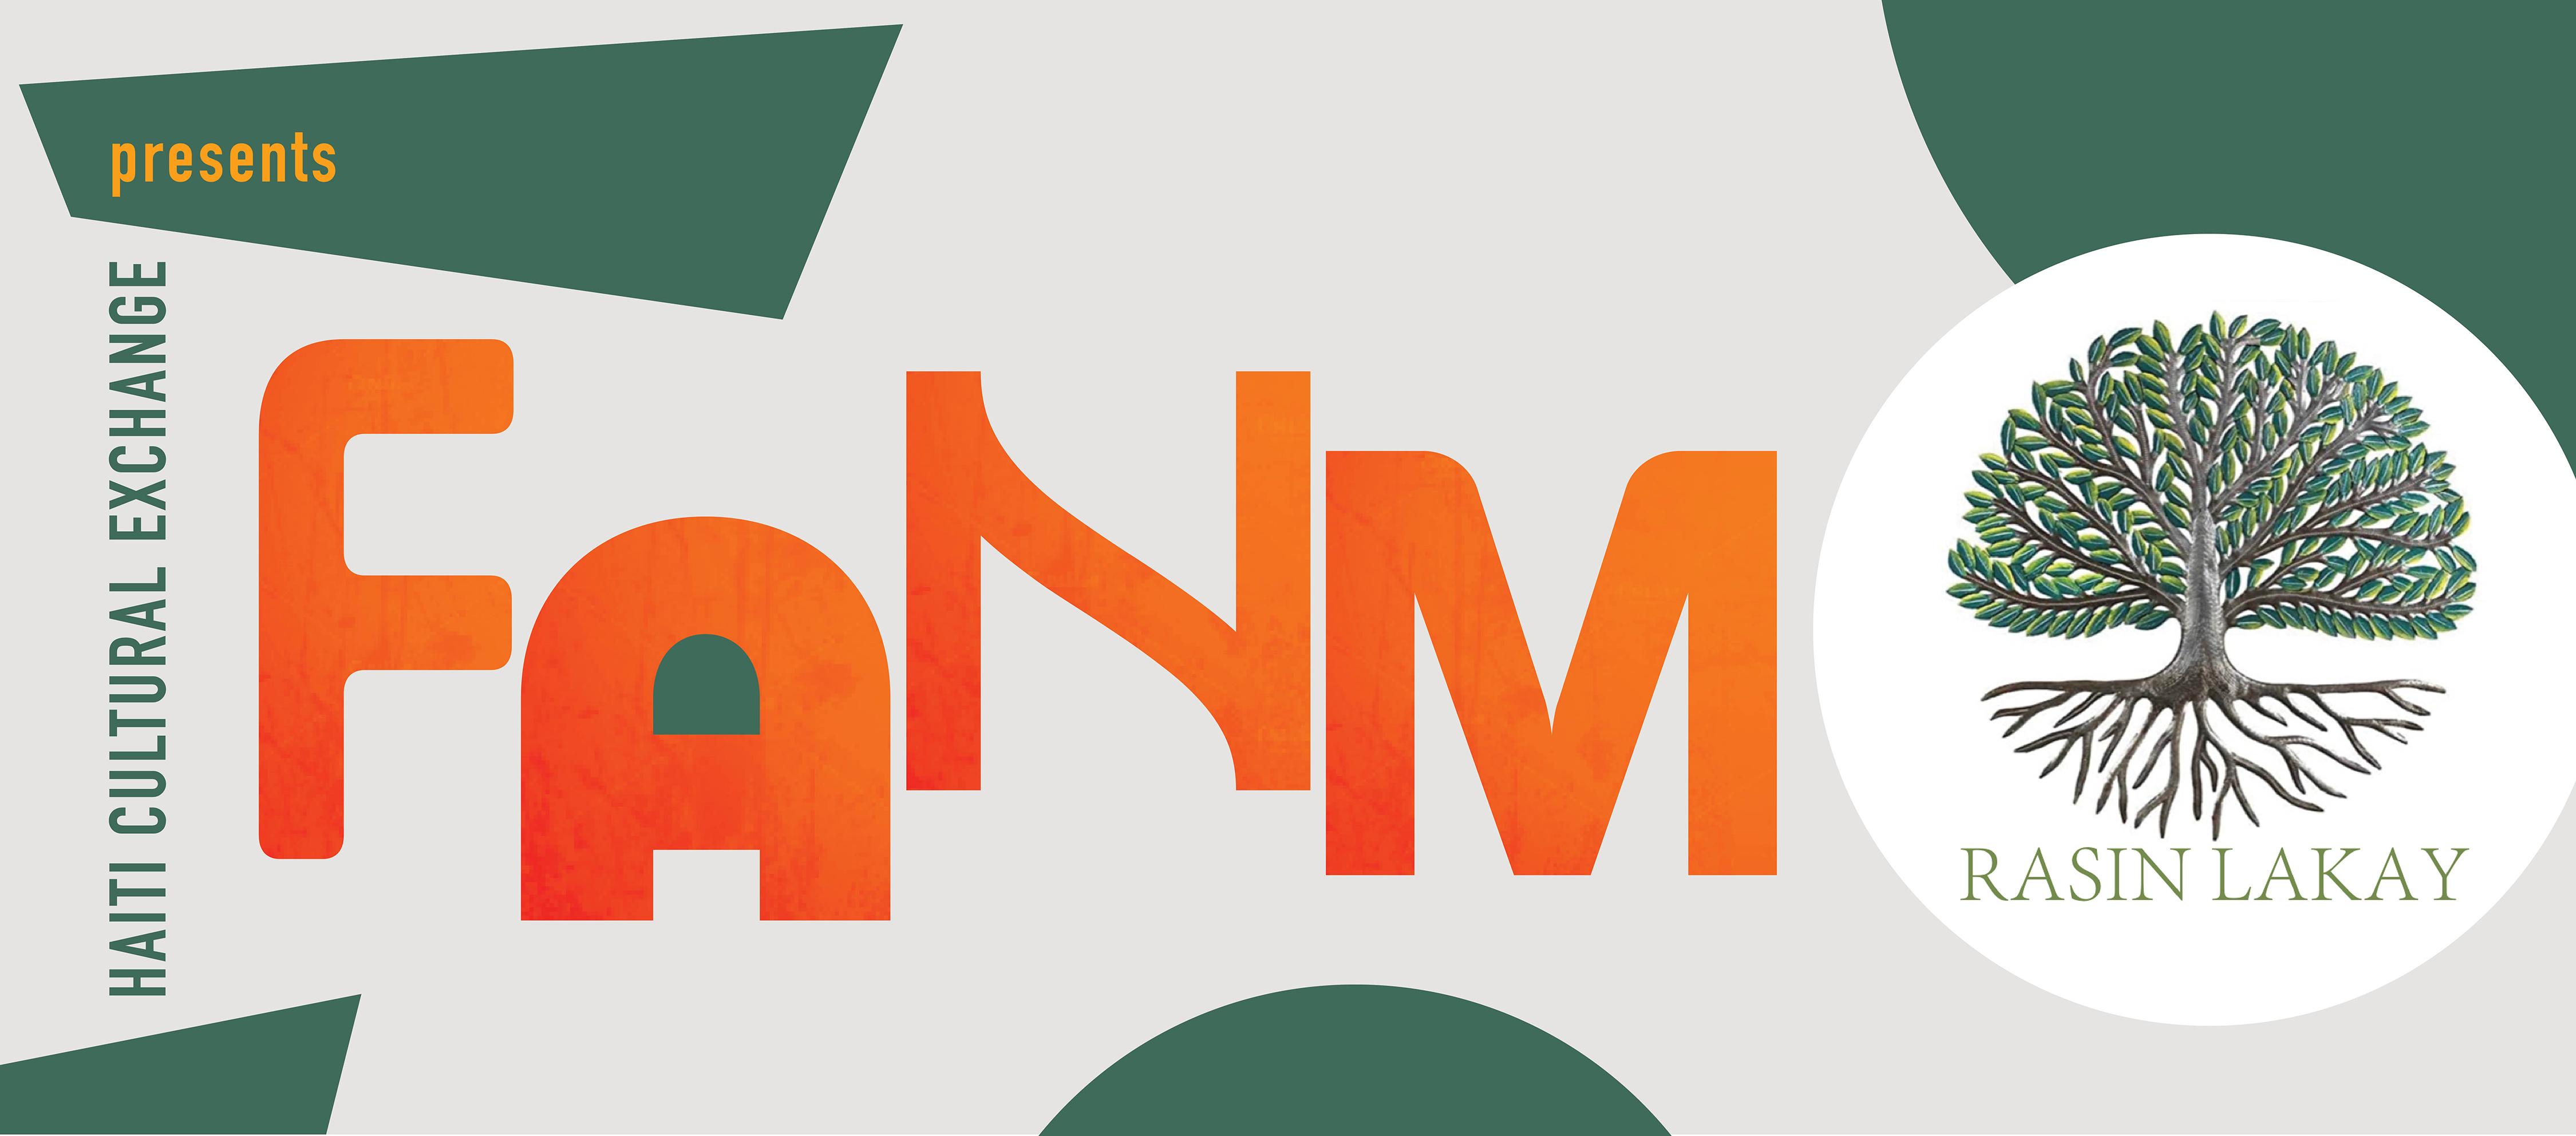 HCX_RASIN-FANM Logo_final_sm